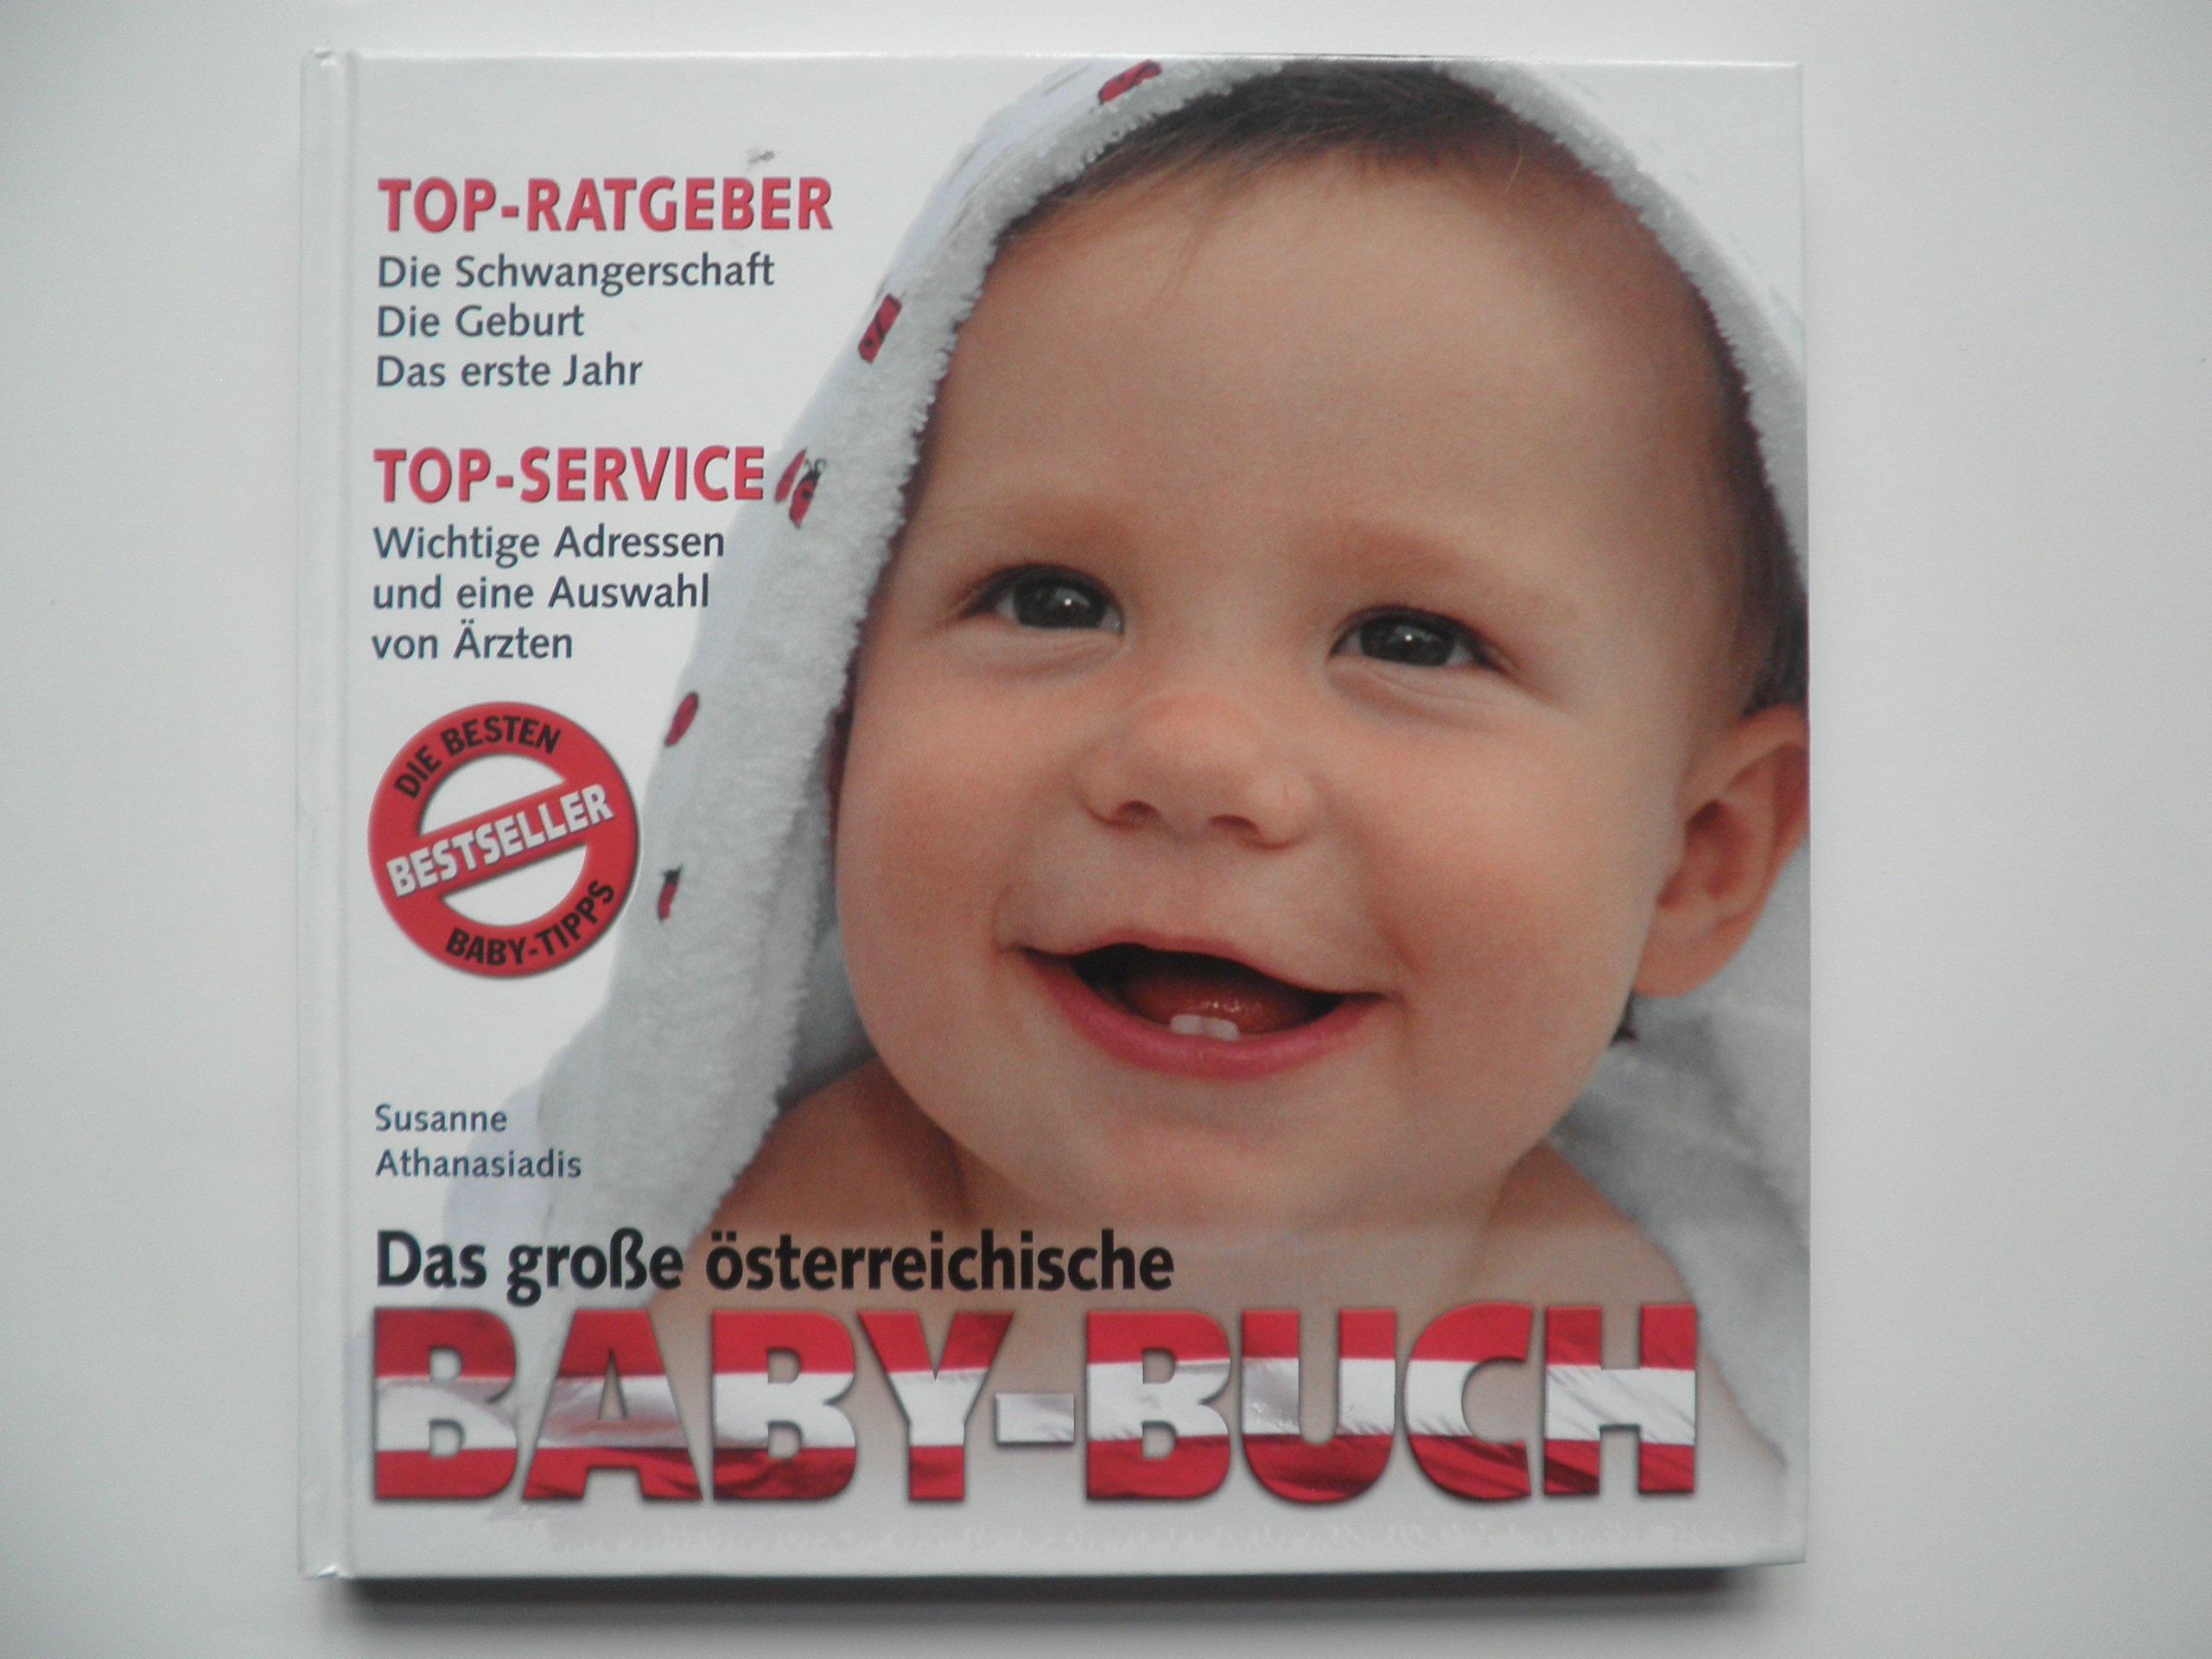 Das grosse österreichische Babybuch